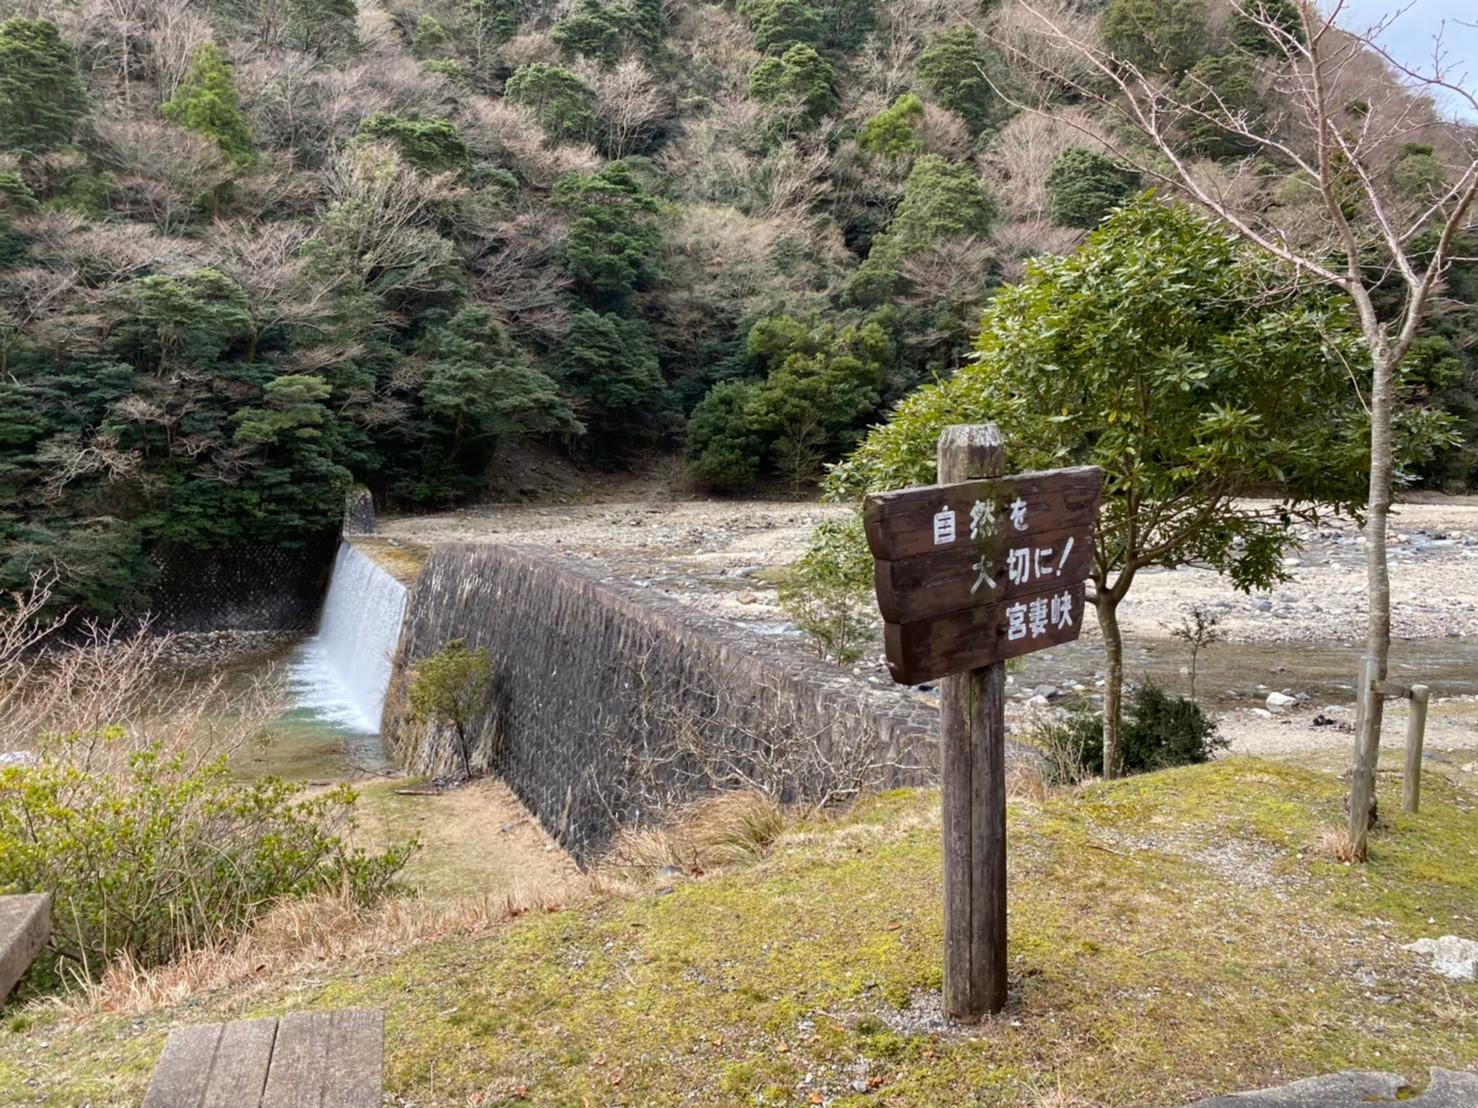 【三重県】『宮妻峡キャンプ場』攻略ガイド(駐車場・トイレ)